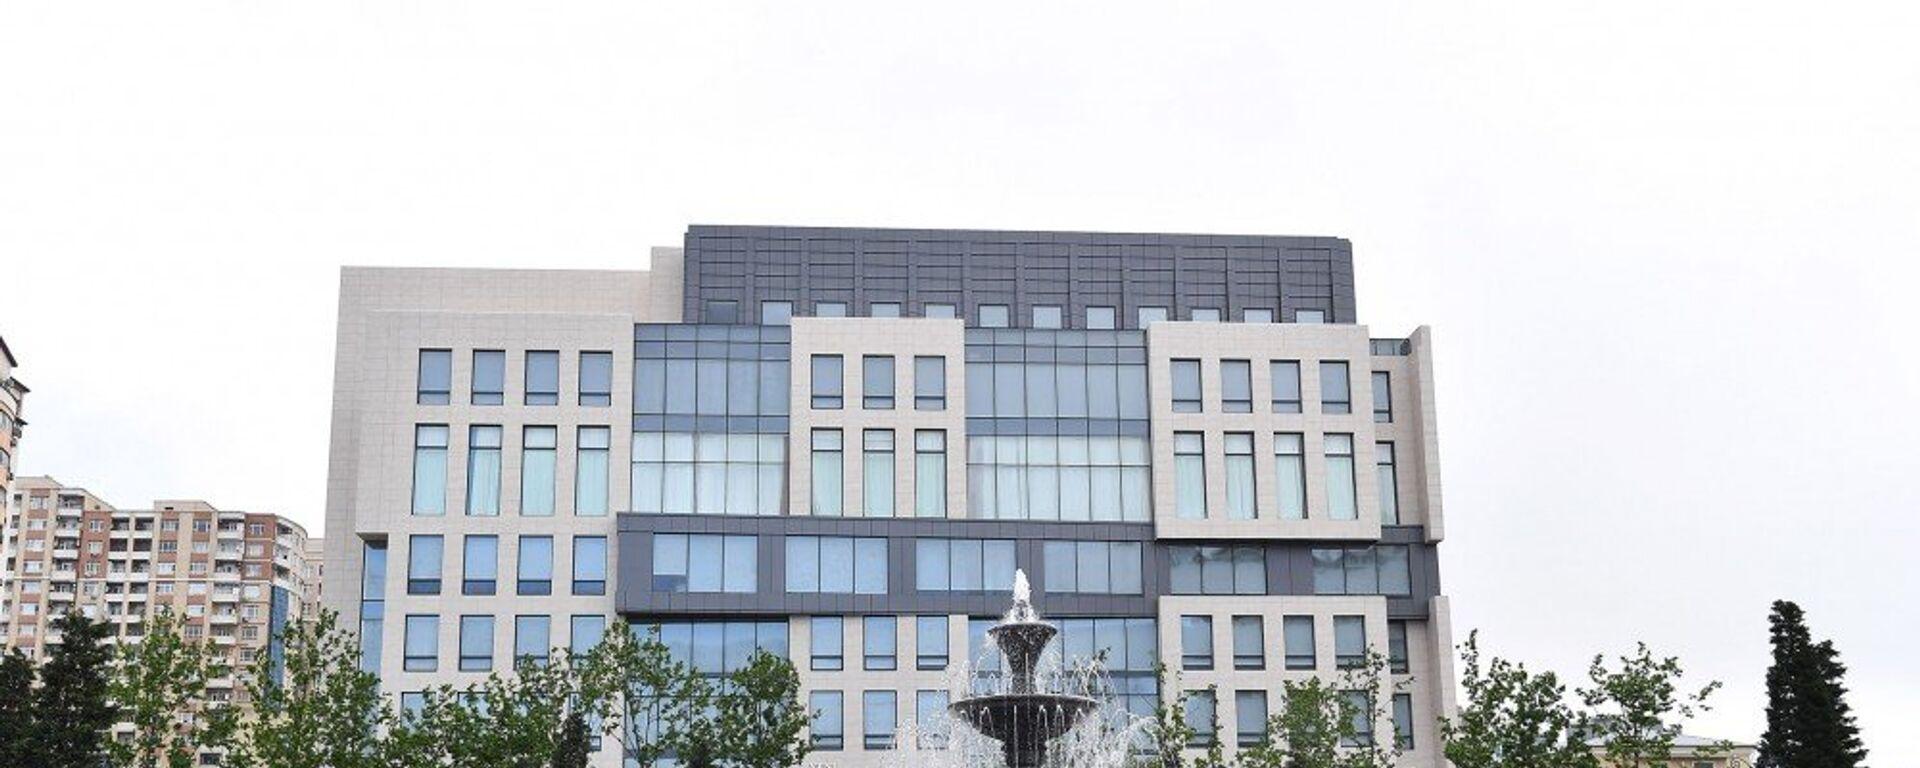 Новое административное здание партии Ени Азербайджан - Sputnik Азербайджан, 1920, 05.02.2021